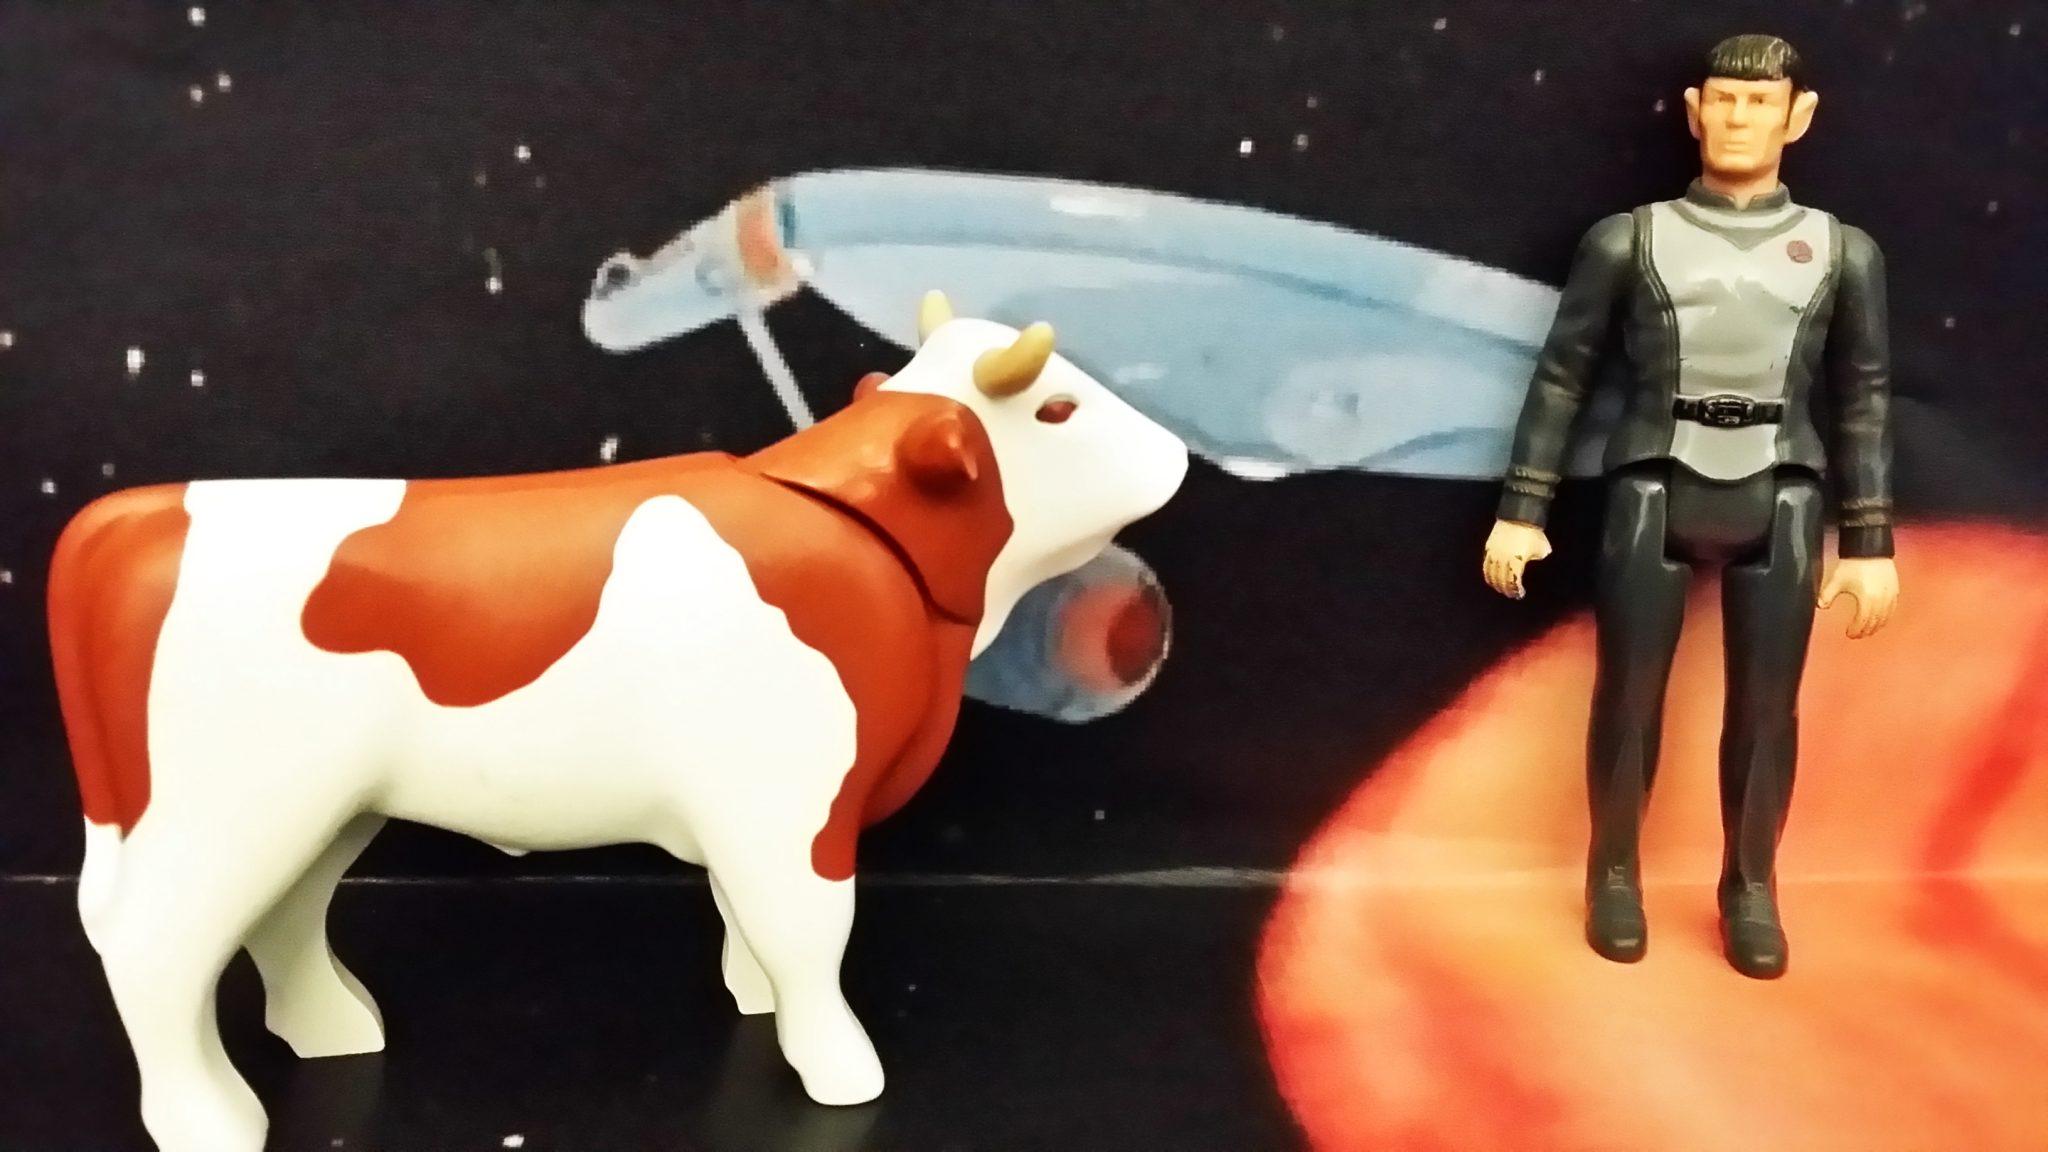 Kuh der Woche unterwegs im Stra Trek Uniuversum auf der Suche nach einer Zukunft